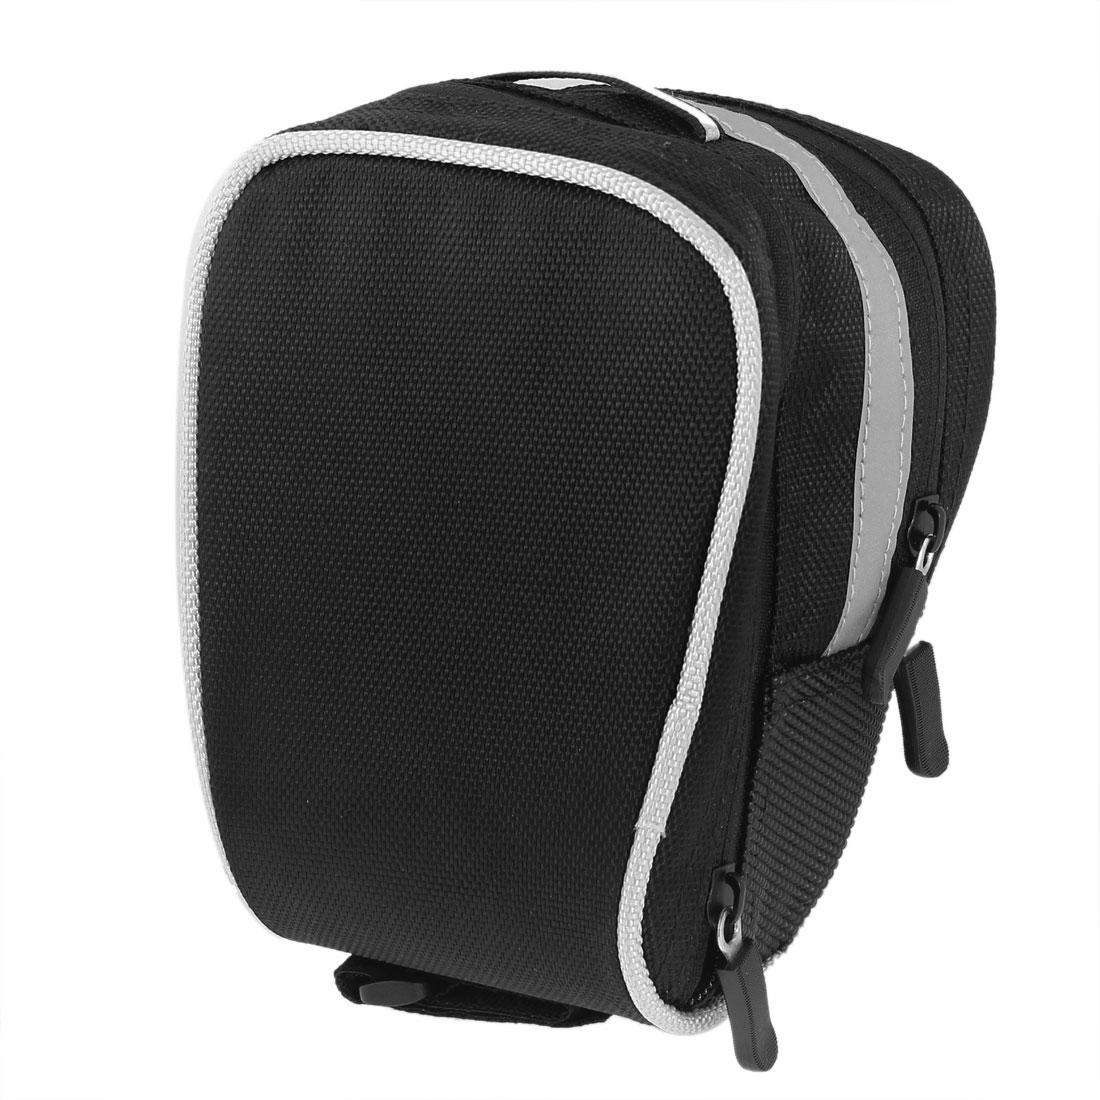 """Bike Cycling Saddle Seat Rear Tail Bag Pouch 7"""" Length Black Gray"""